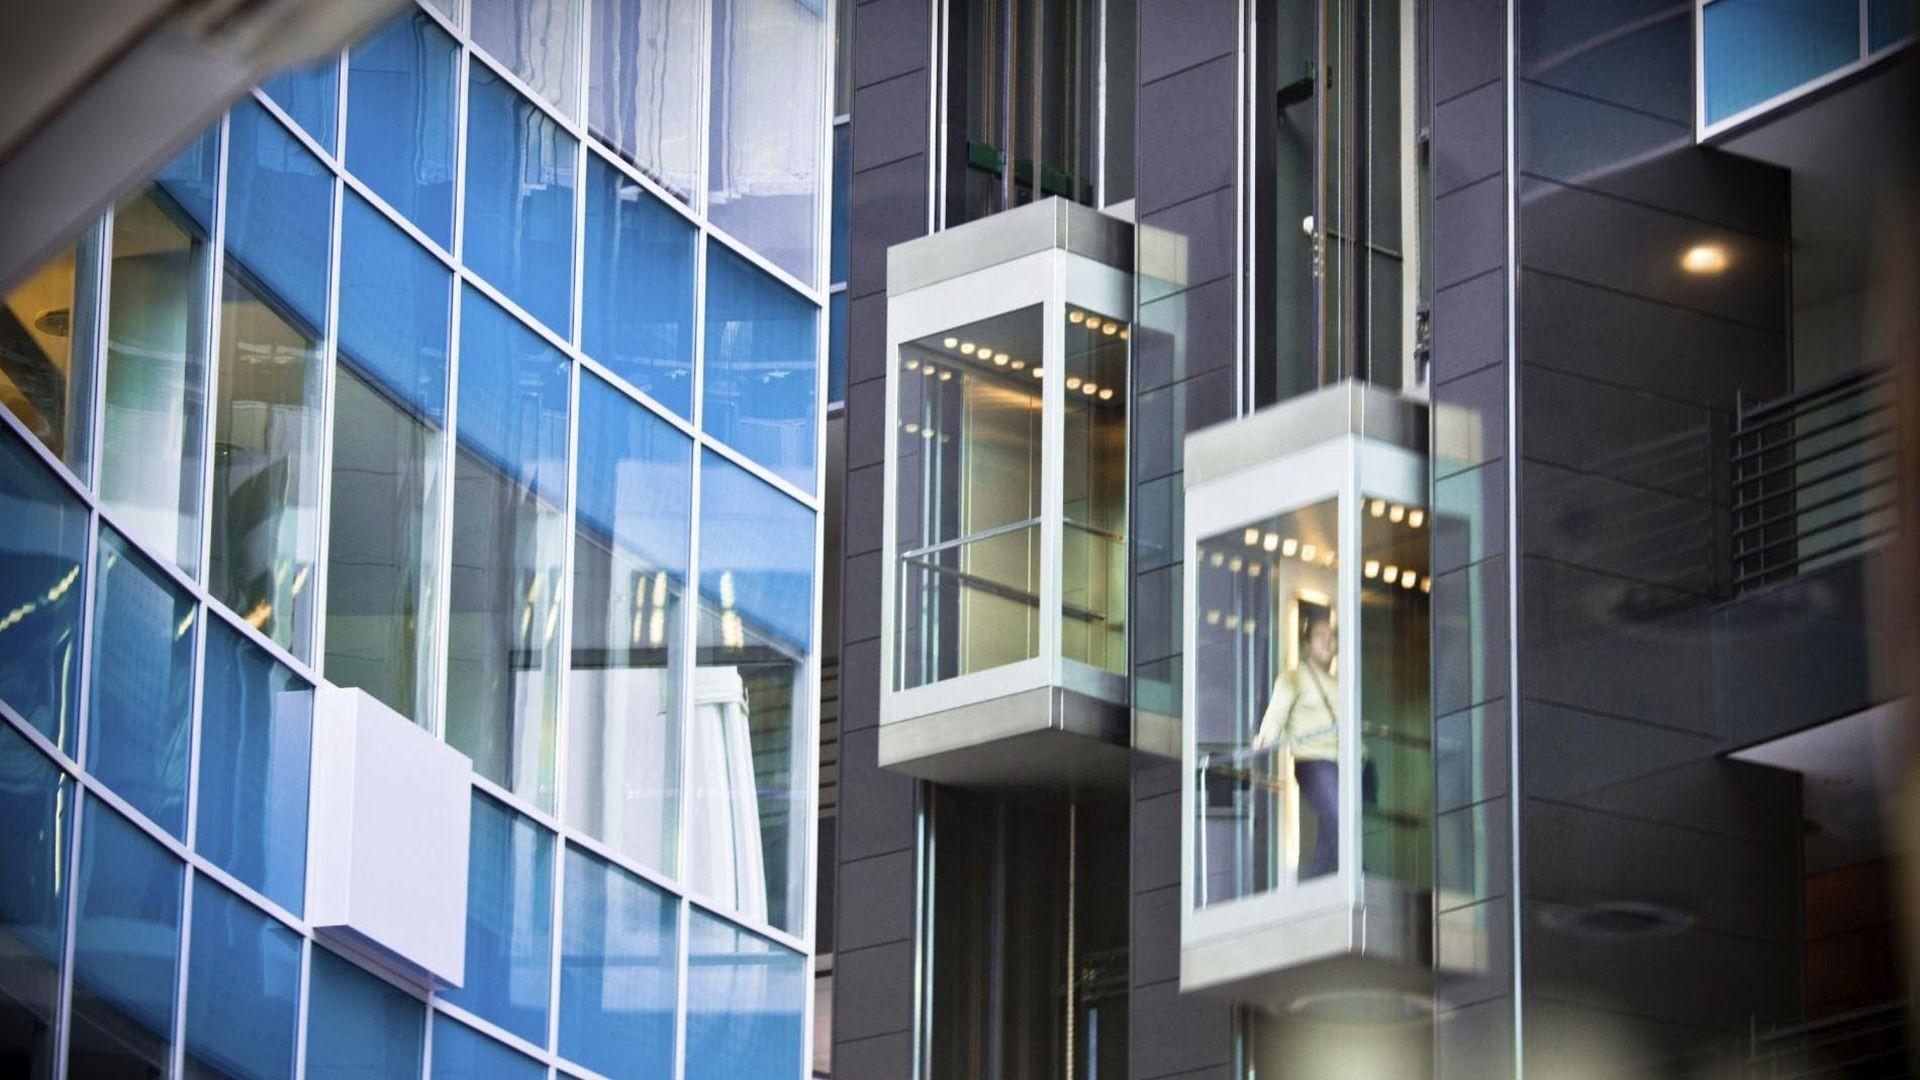 Instalación y mantenimiento de ascensores en Madrid